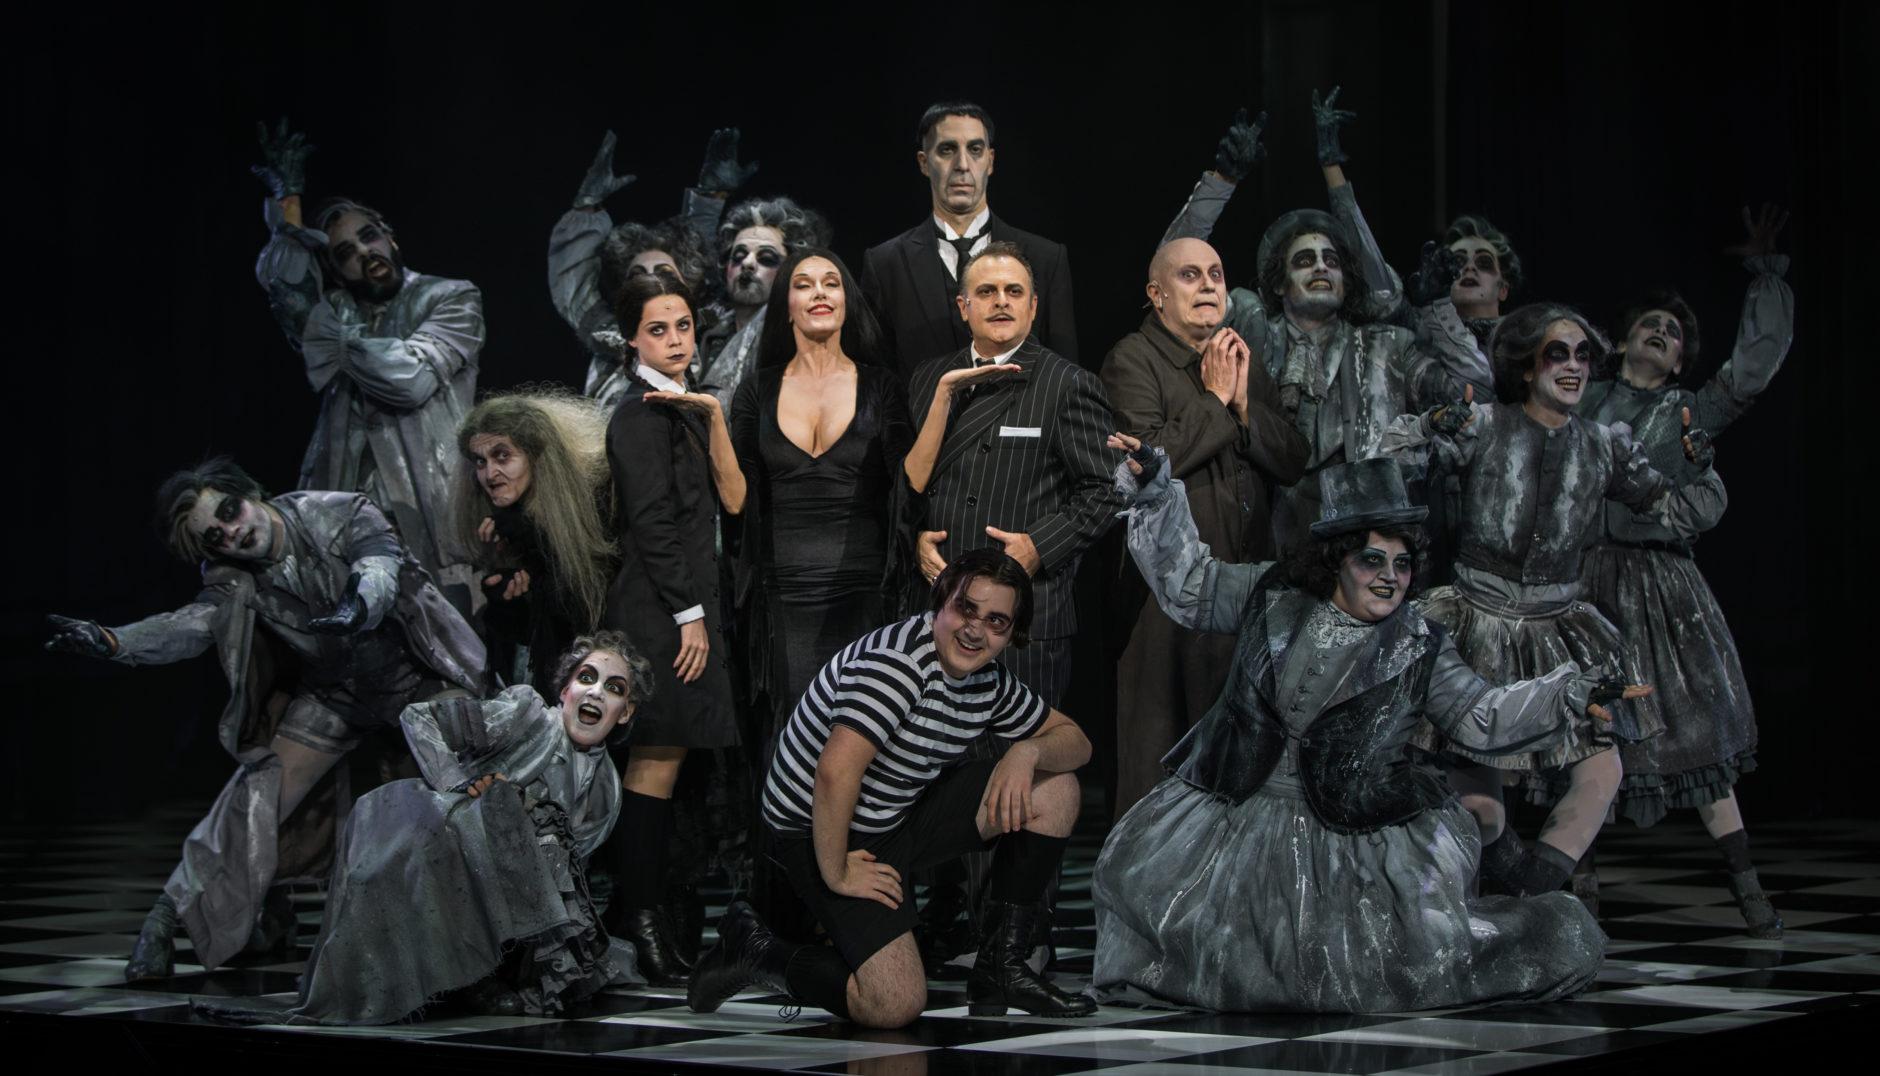 La Familia Addams, una comedia musical 5